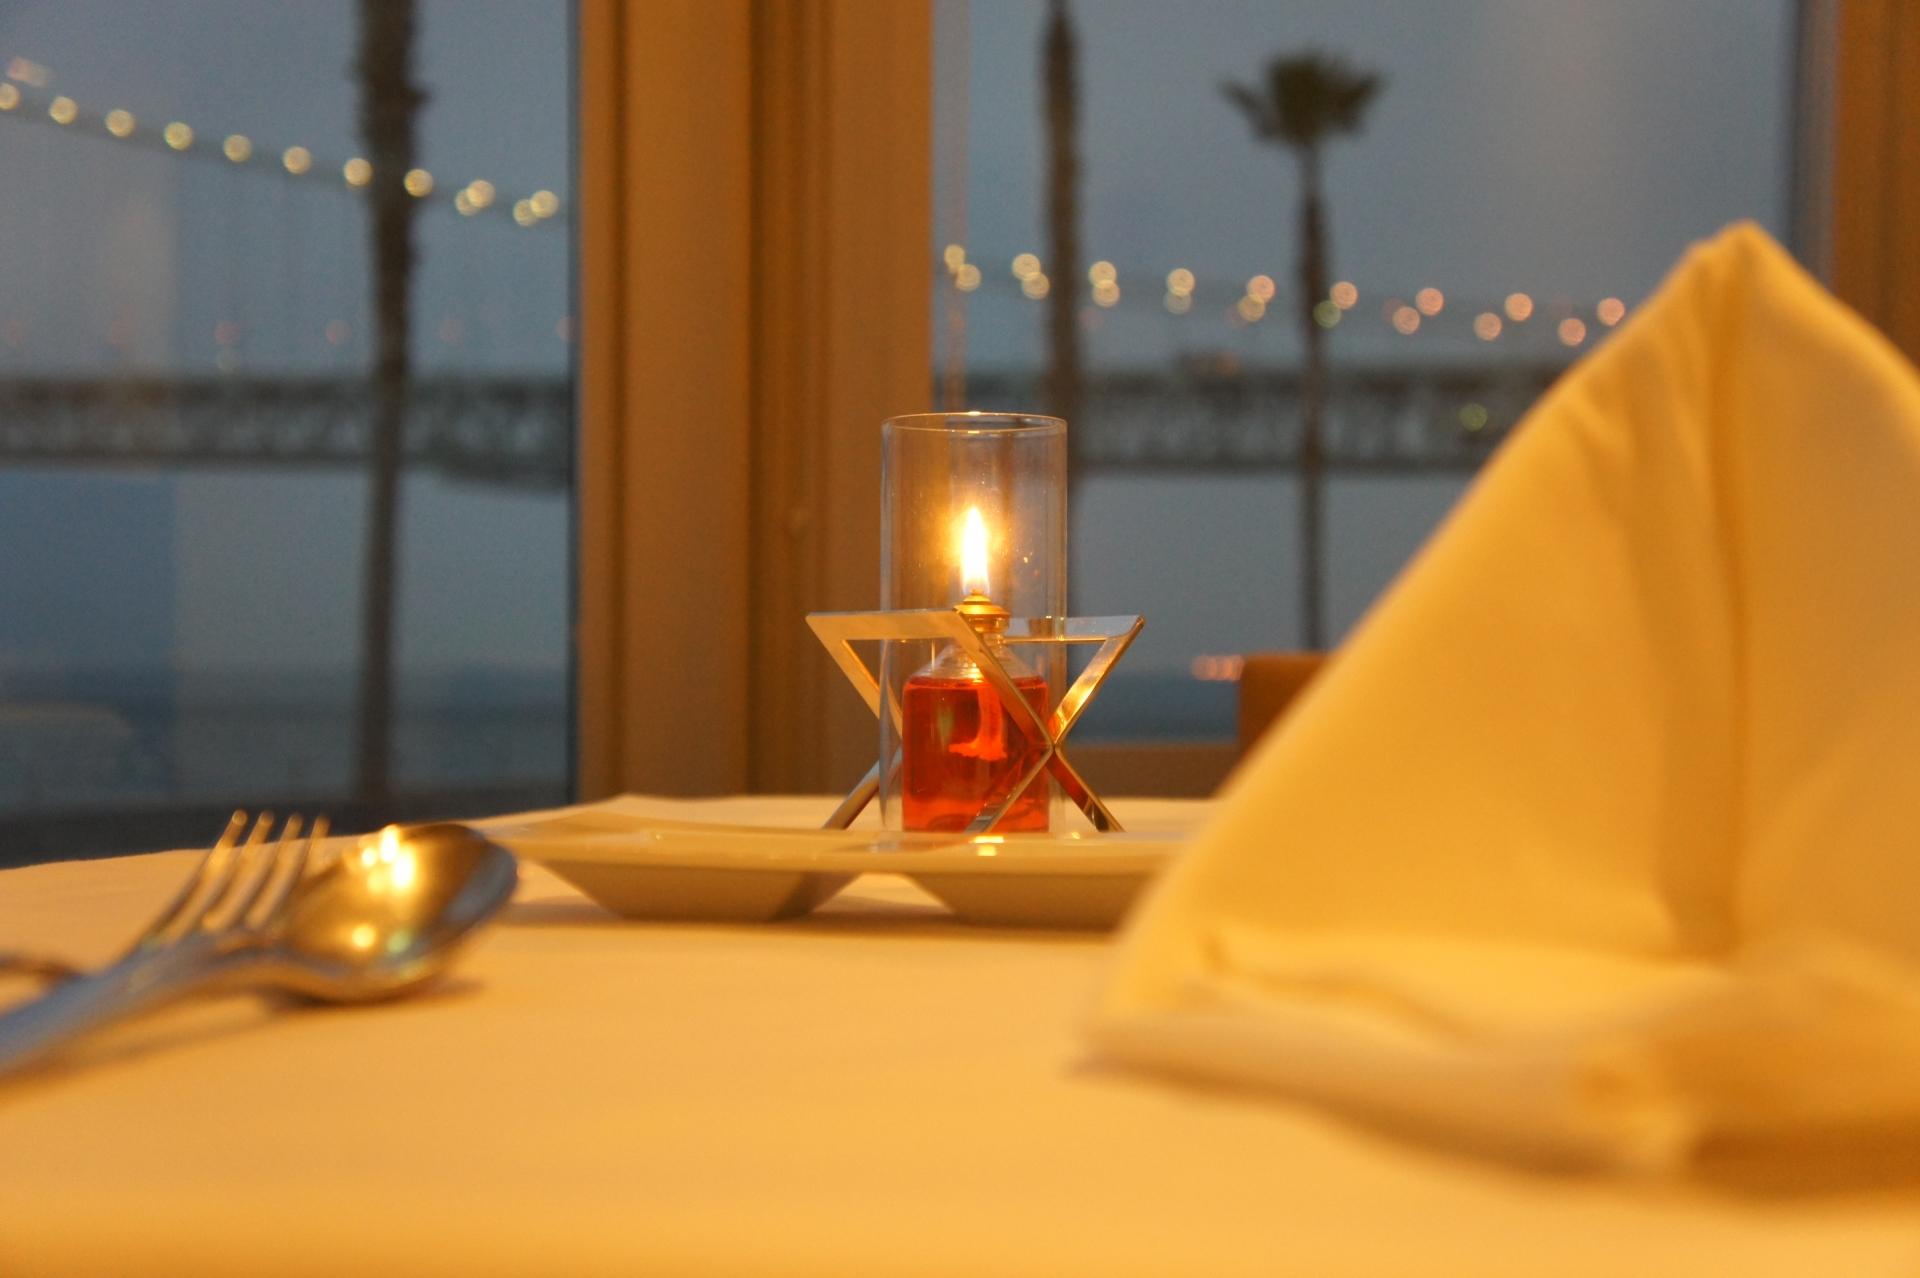 ホテル レストラン バイト